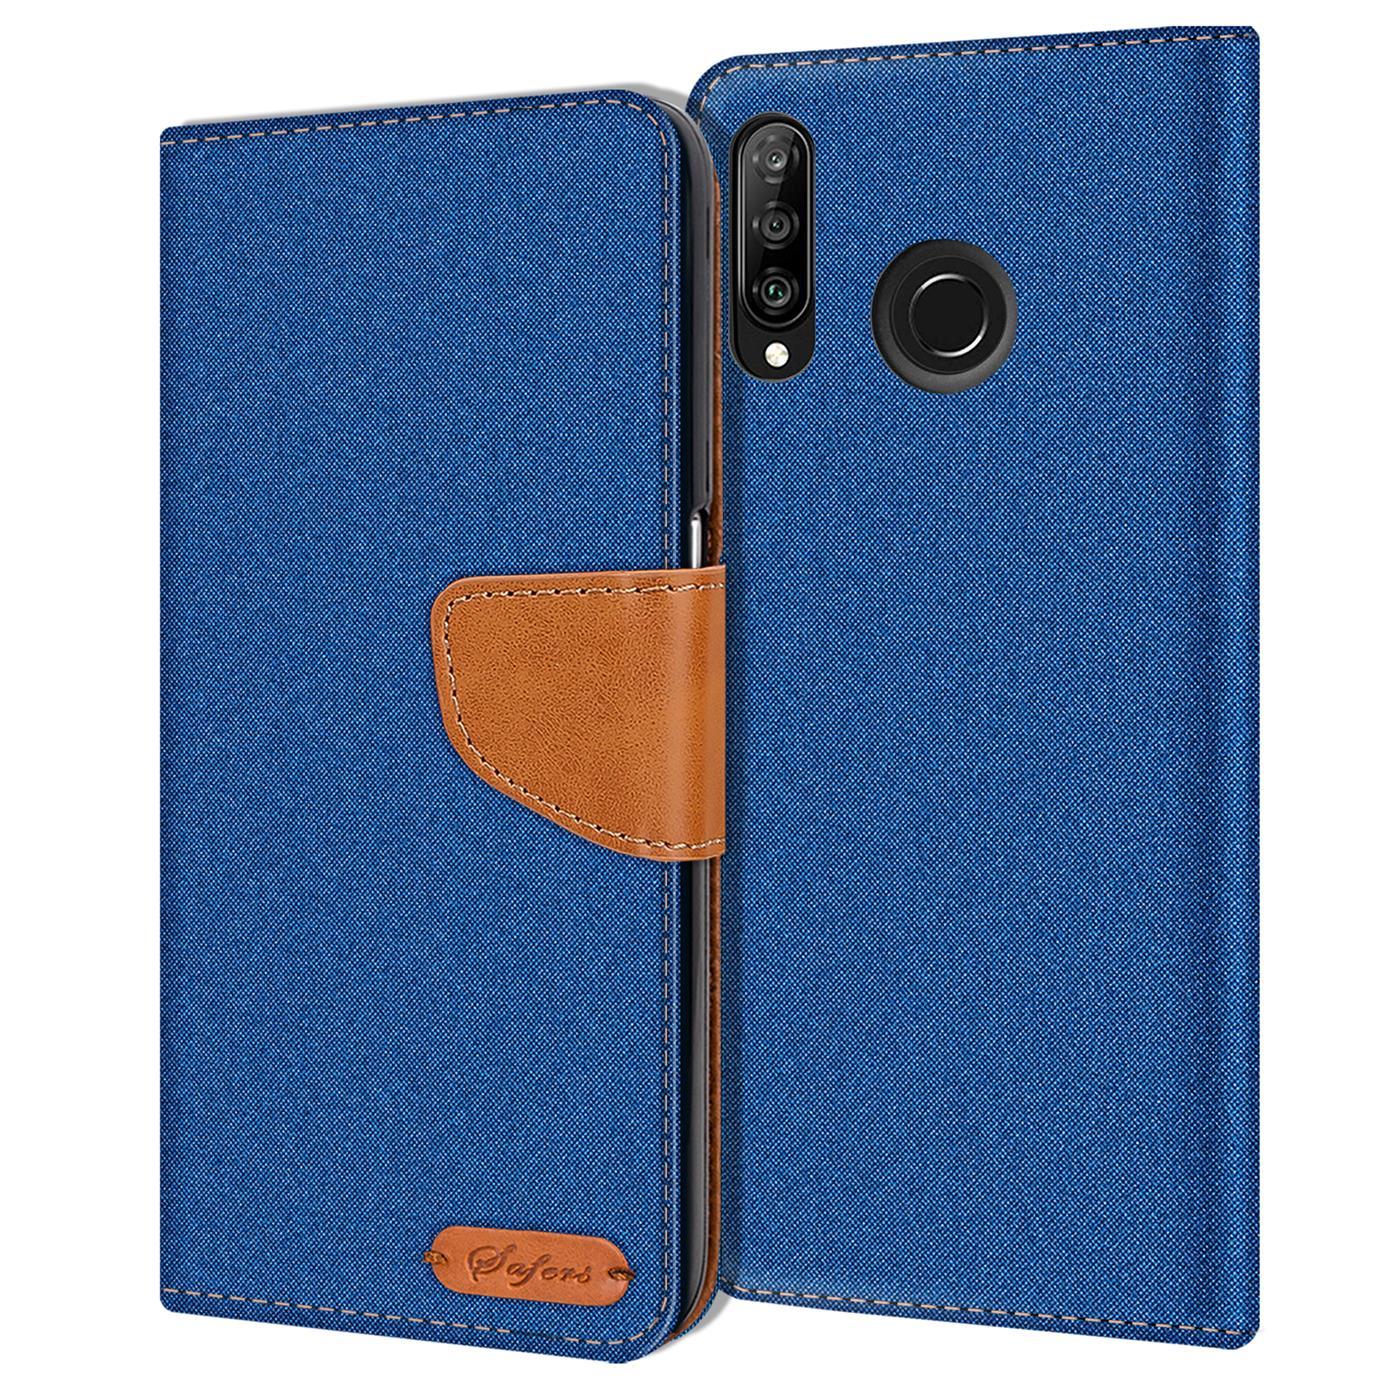 Schutzhuelle-Handy-Huelle-Flip-Case-Klapp-Tasche-Book-Case-Cover-Handyhuelle-Etui Indexbild 17